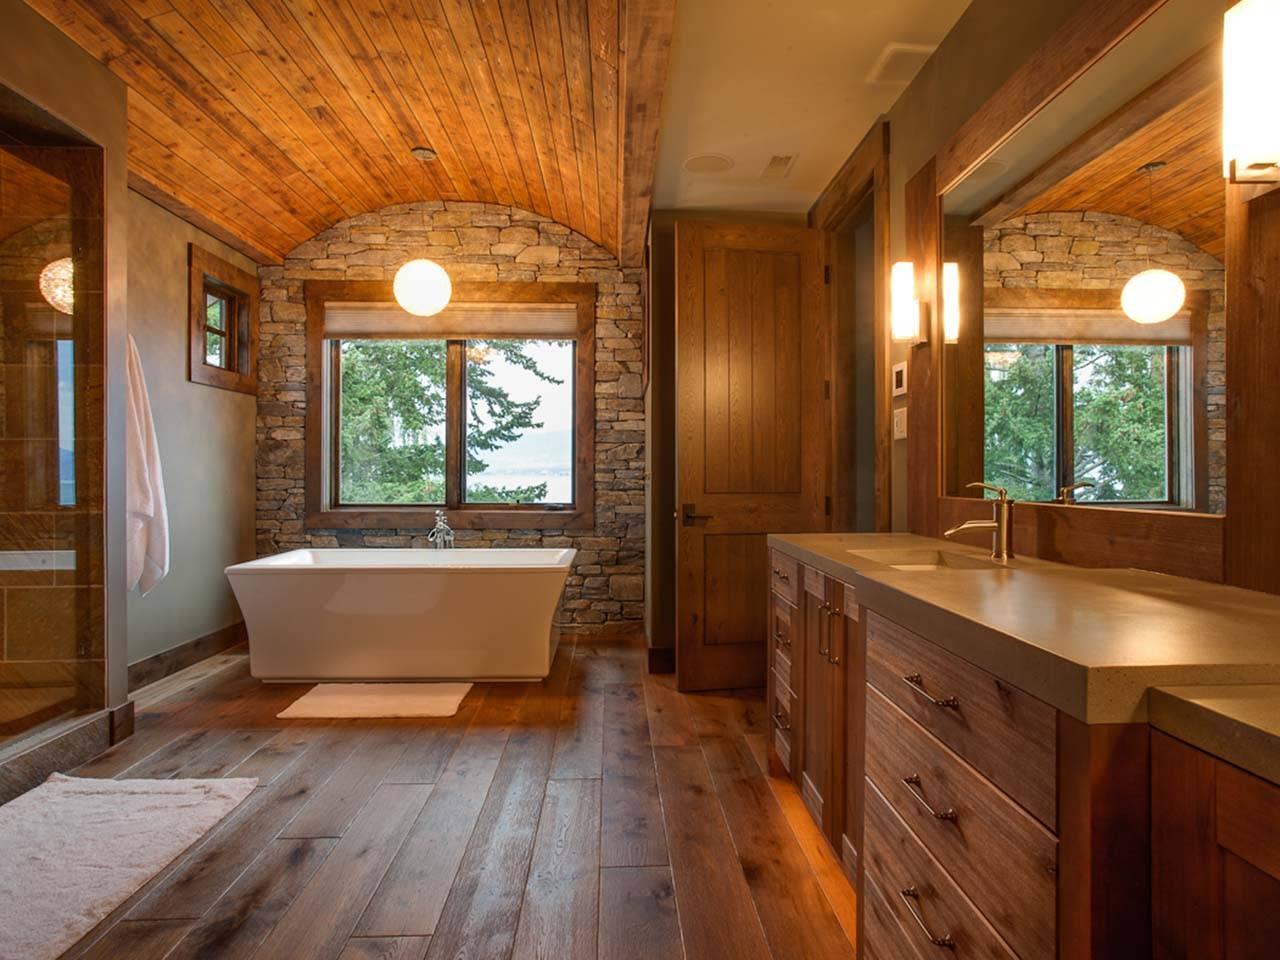 Пол в ванной в деревянном доме: виды, особенности и укладка полов в ванной комнате